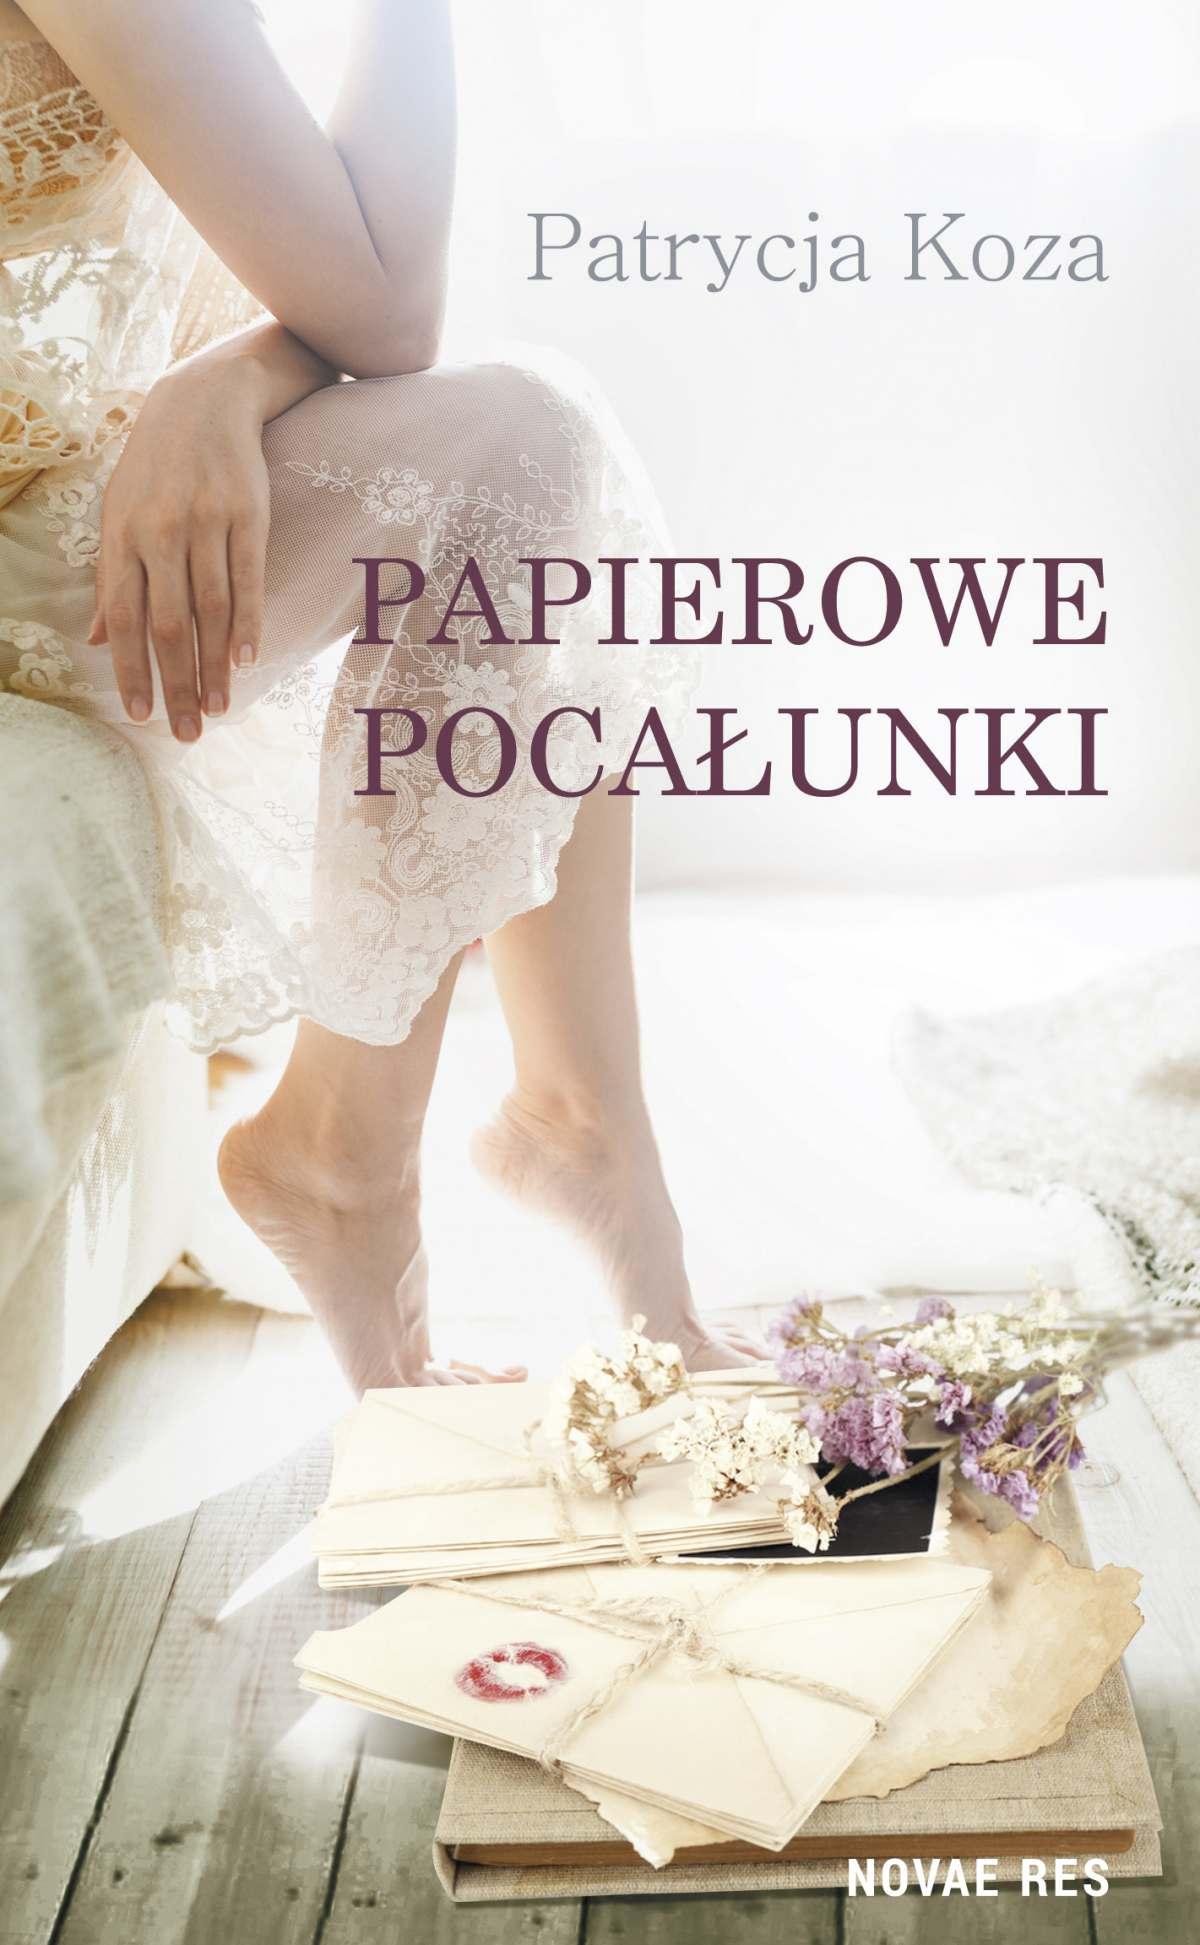 Papierowe pocałunki - Ebook (Książka EPUB) do pobrania w formacie EPUB